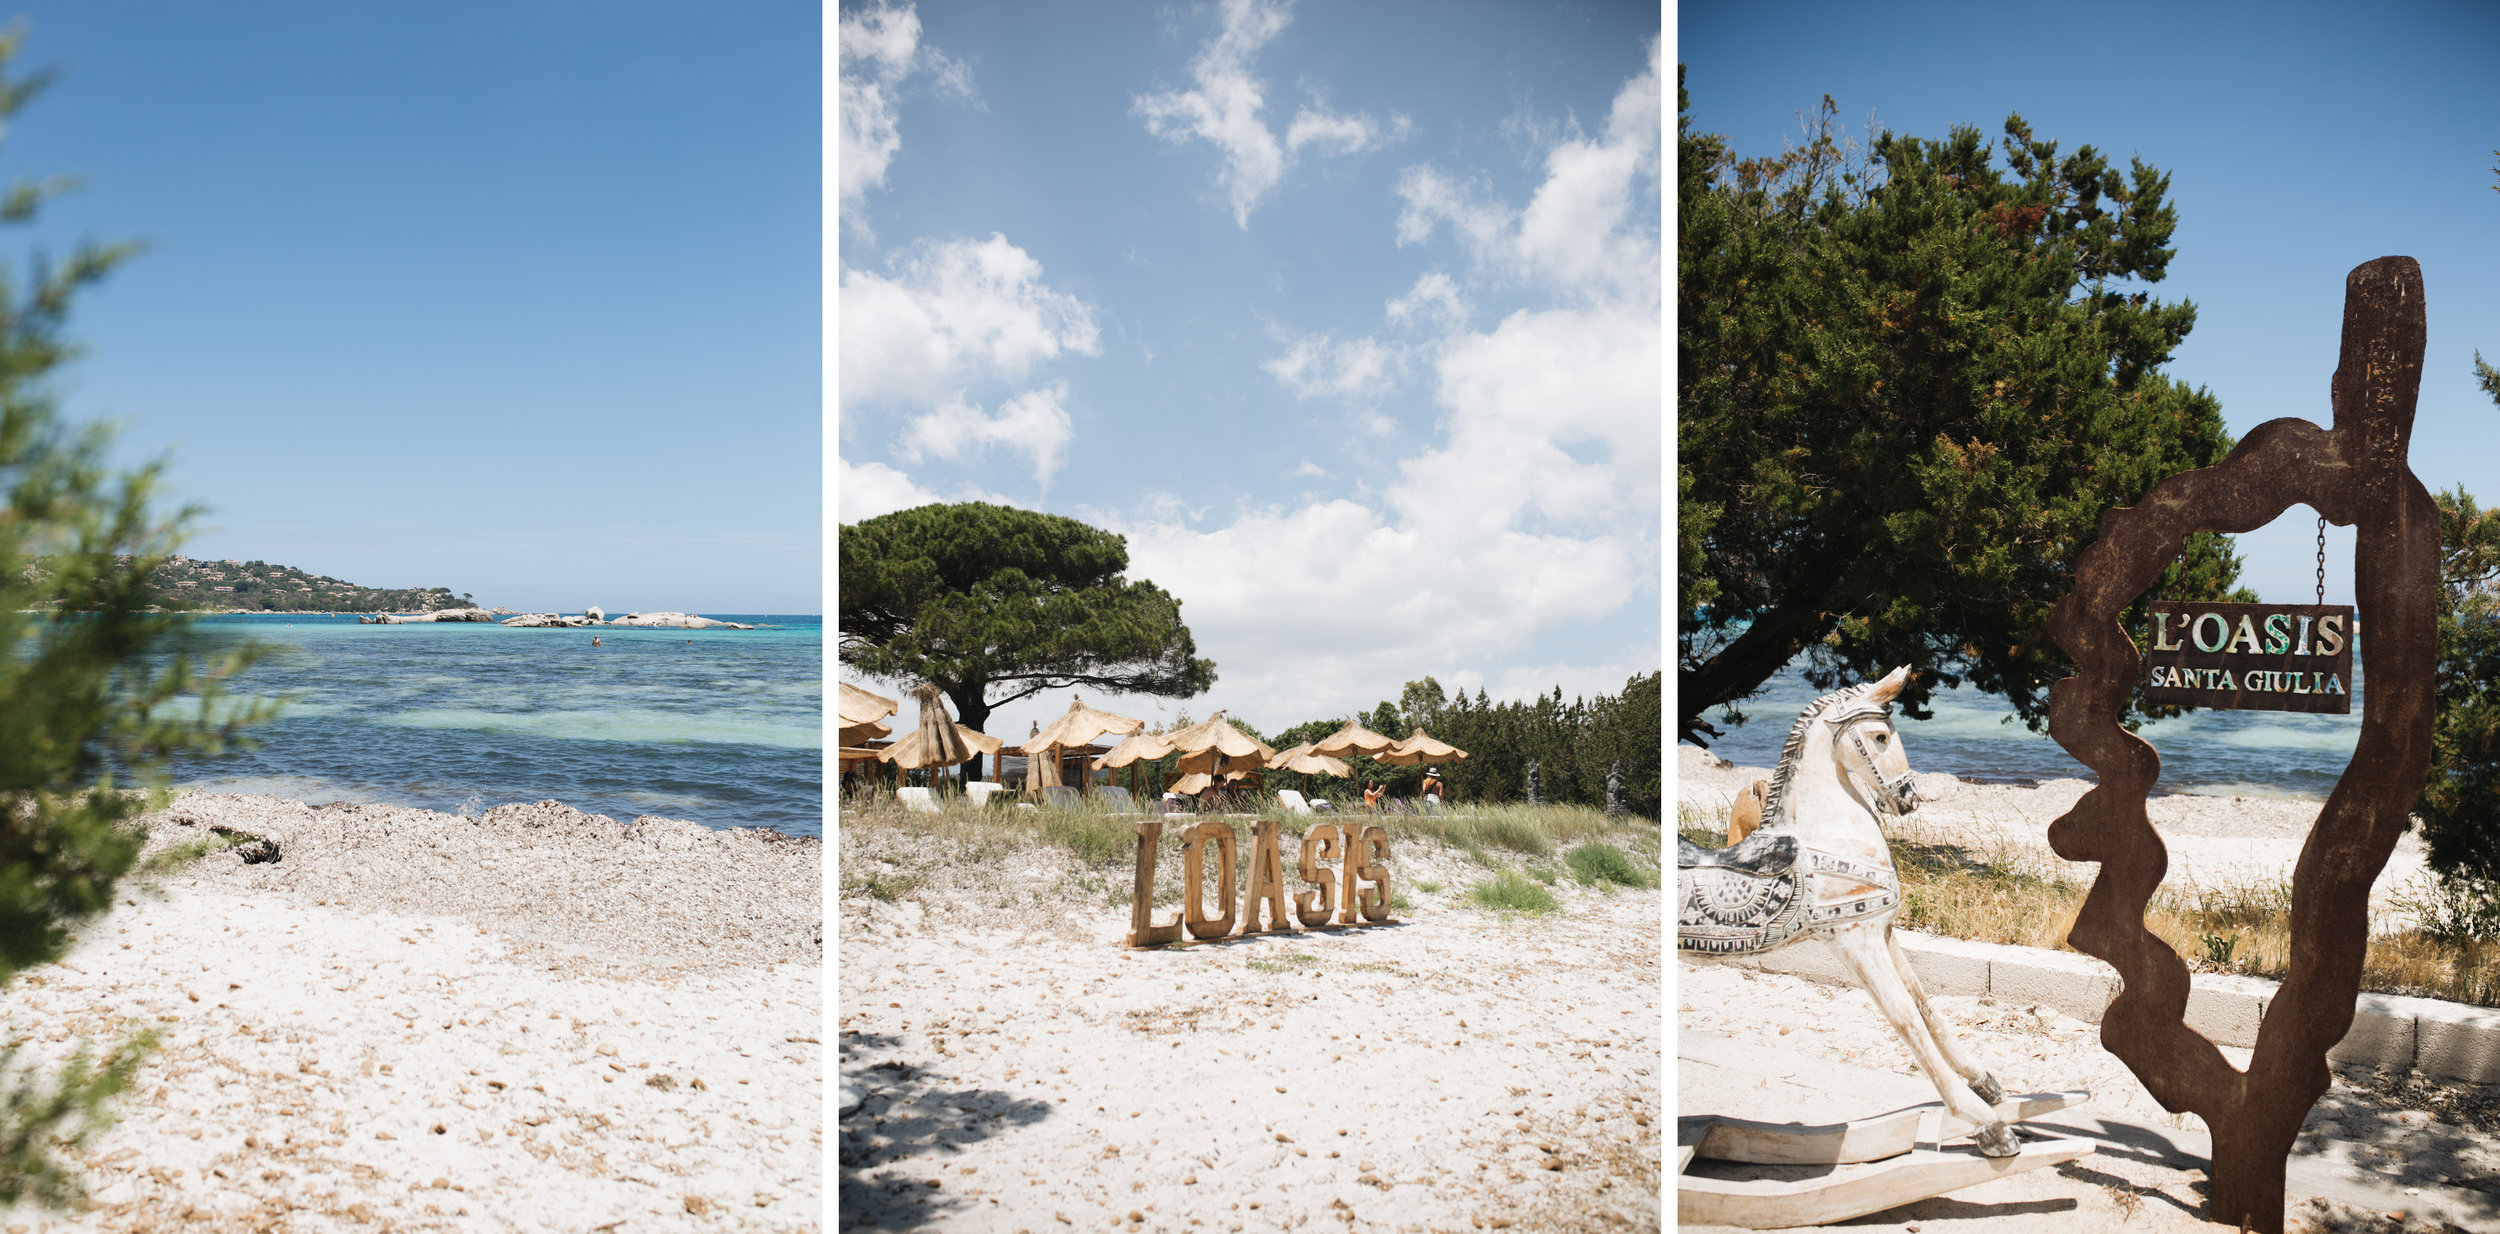 Oasis-santa-giulia-porto-vecchio-bar-vegan-bio.jpg